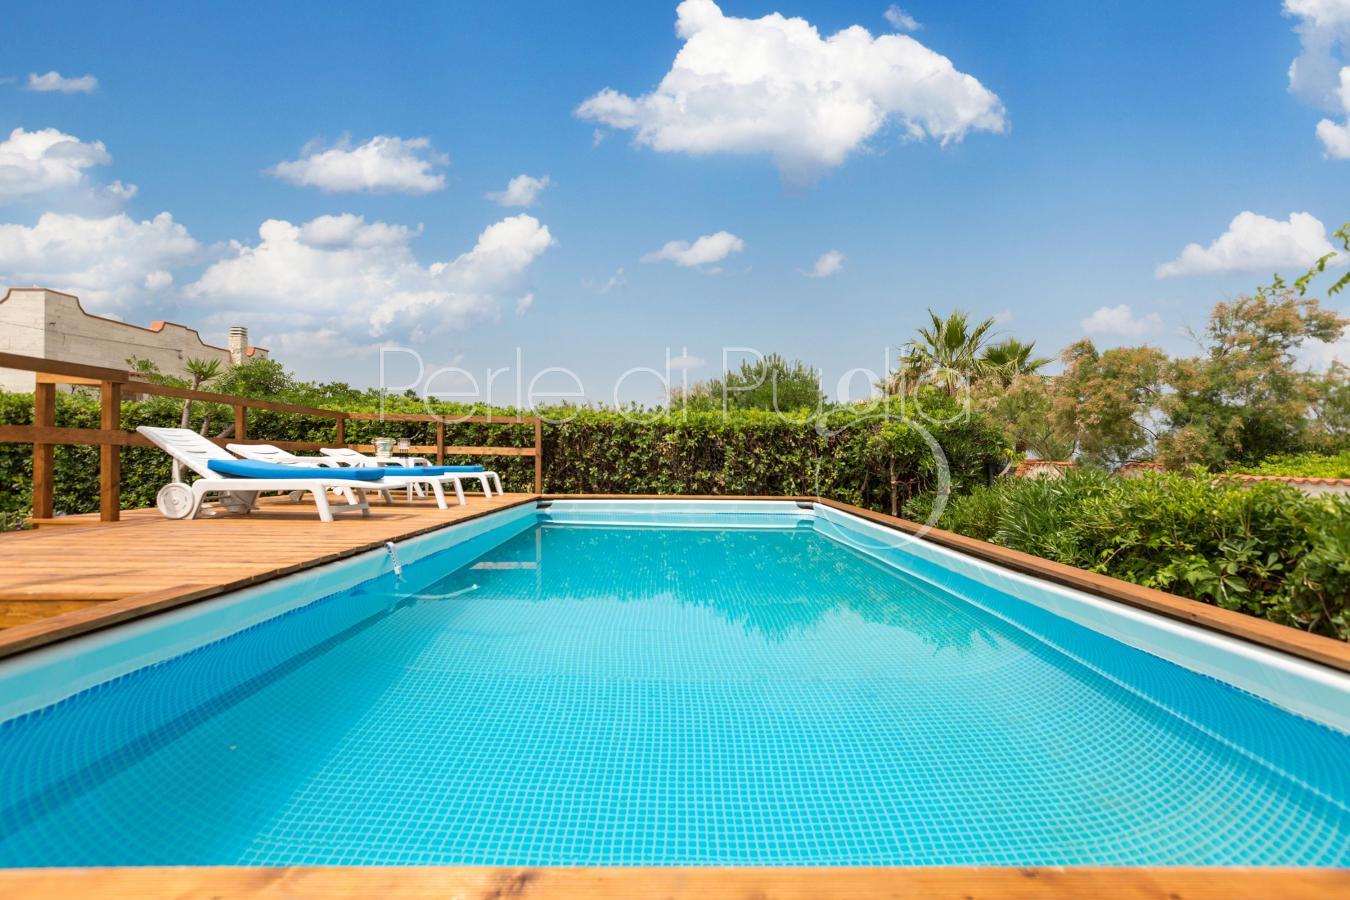 Villa vicino bari con piscina e accesso alla spiaggia - Immagini ville con piscina ...